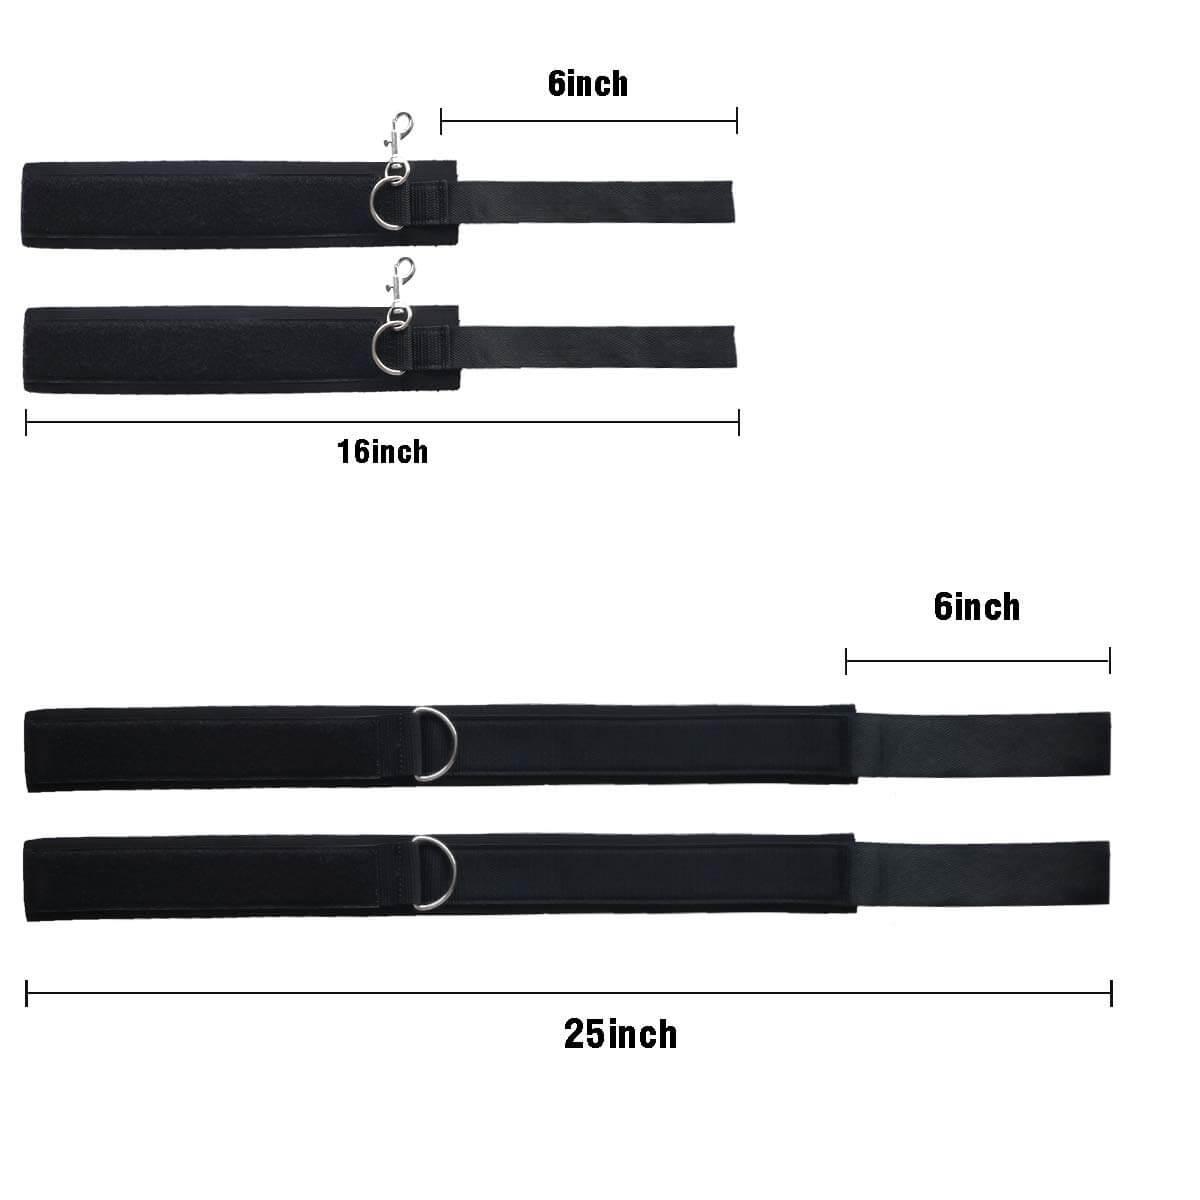 Hitinight Wrist & Thigh Restraints Cuffs